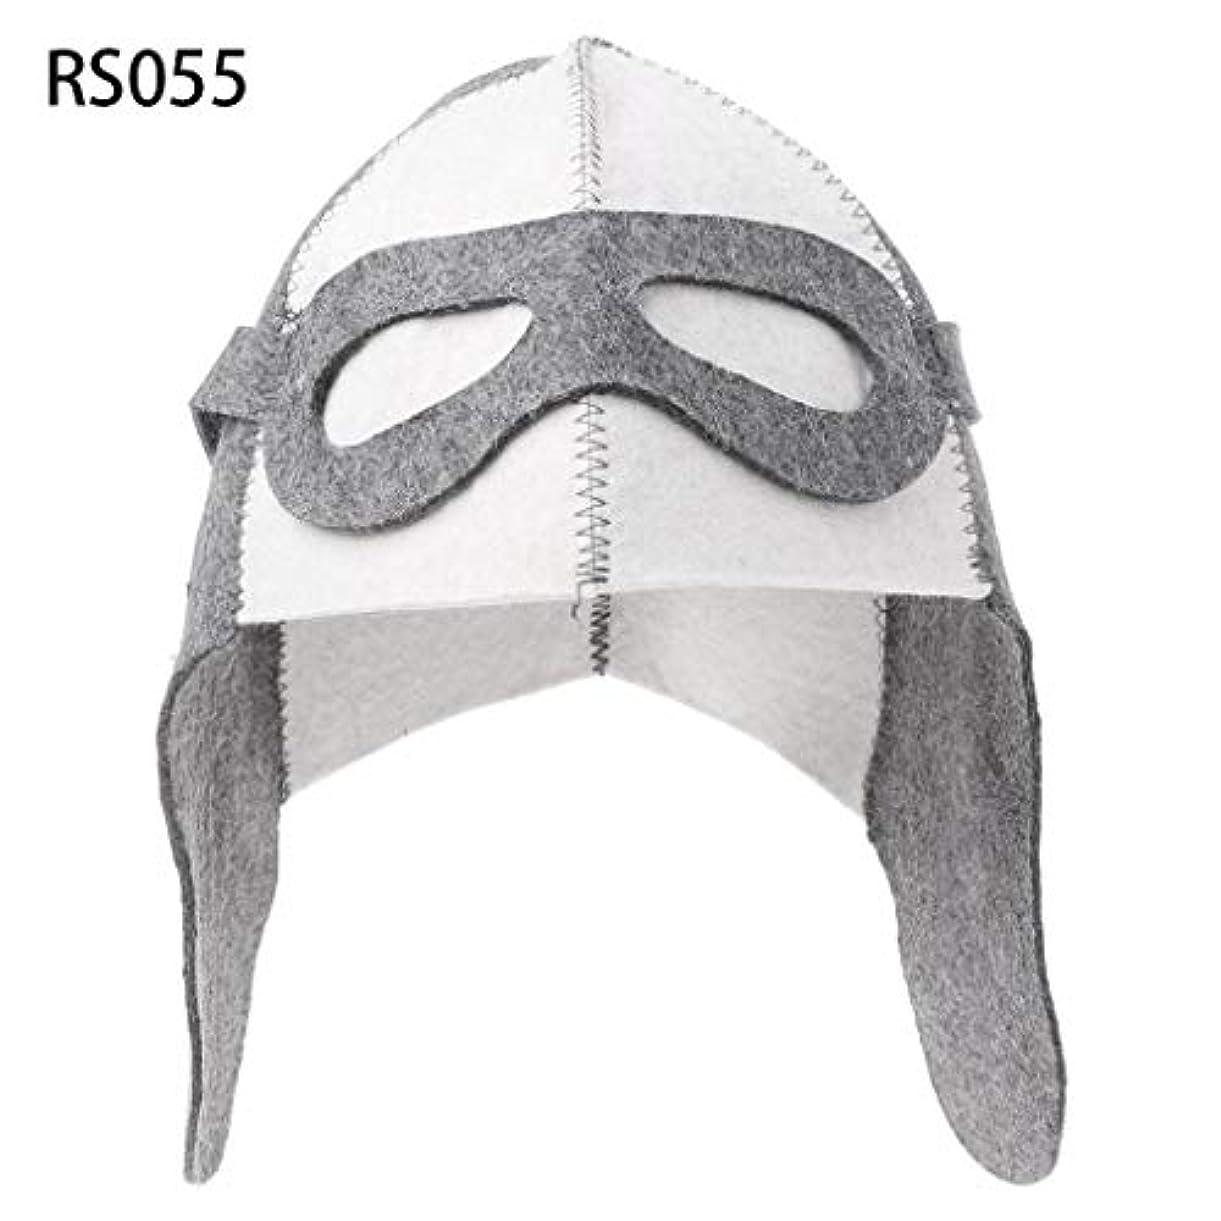 メンダシティドル調和のとれたLANDUMのウールのフェルトのサウナの帽子、浴室の家の頭部の保護のための反熱ロシアのバニヤ帽子